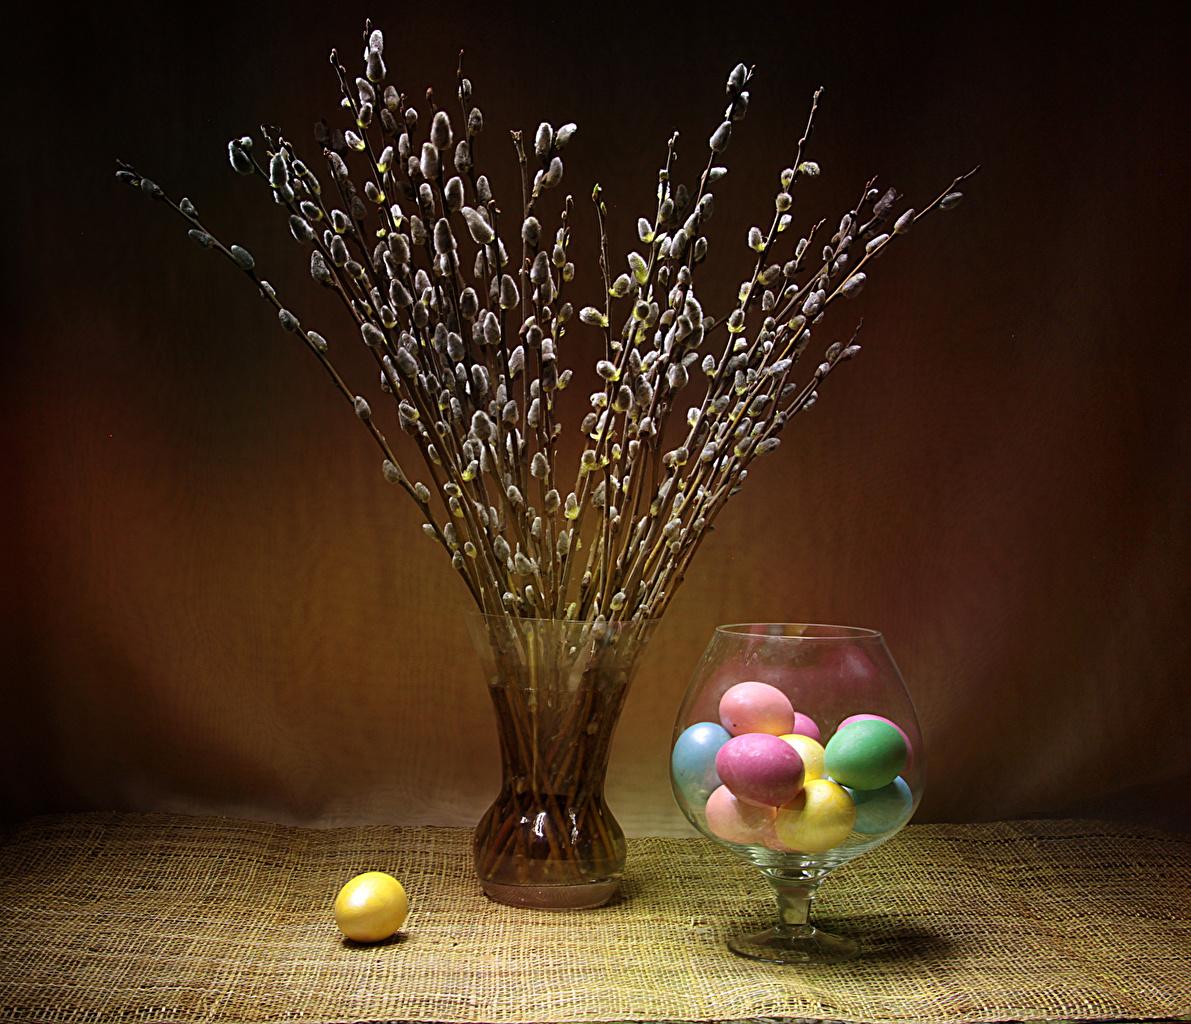 Картинки Пасха Разноцветные Яйца вазе ветвь яиц яйцо яйцами Ваза вазы ветка Ветки на ветке